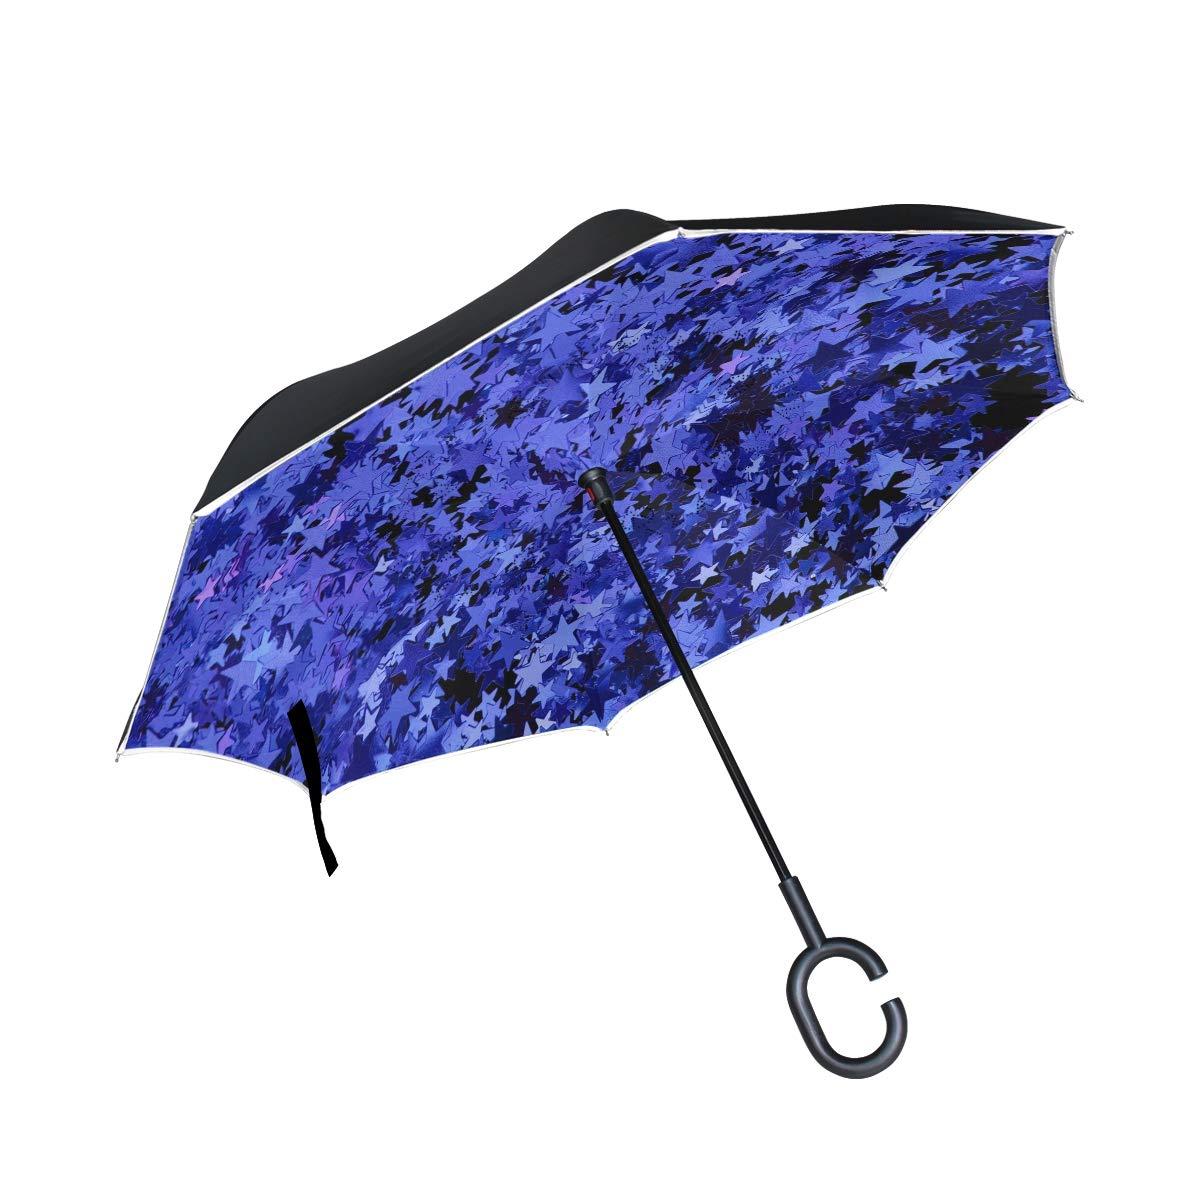 All agree リバース傘 本棚 図書館 本立て 反転傘 リバーシブル ゴルフ 車 旅行 雨 アウトドア ブラック One Size カラー8 B07LC86L89